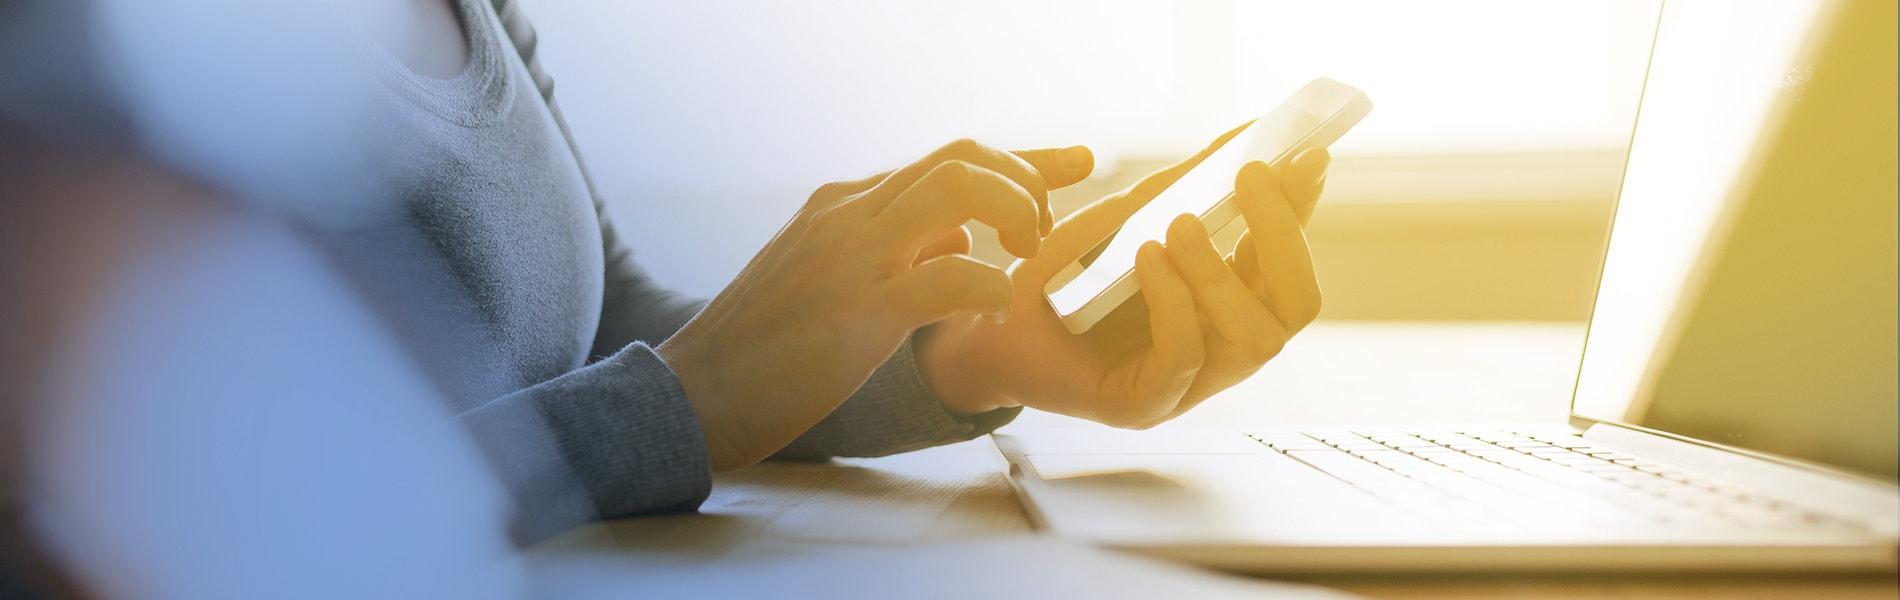 <h1>Покупка и проверка страхового<br>полиса в режиме онлайн</h1>